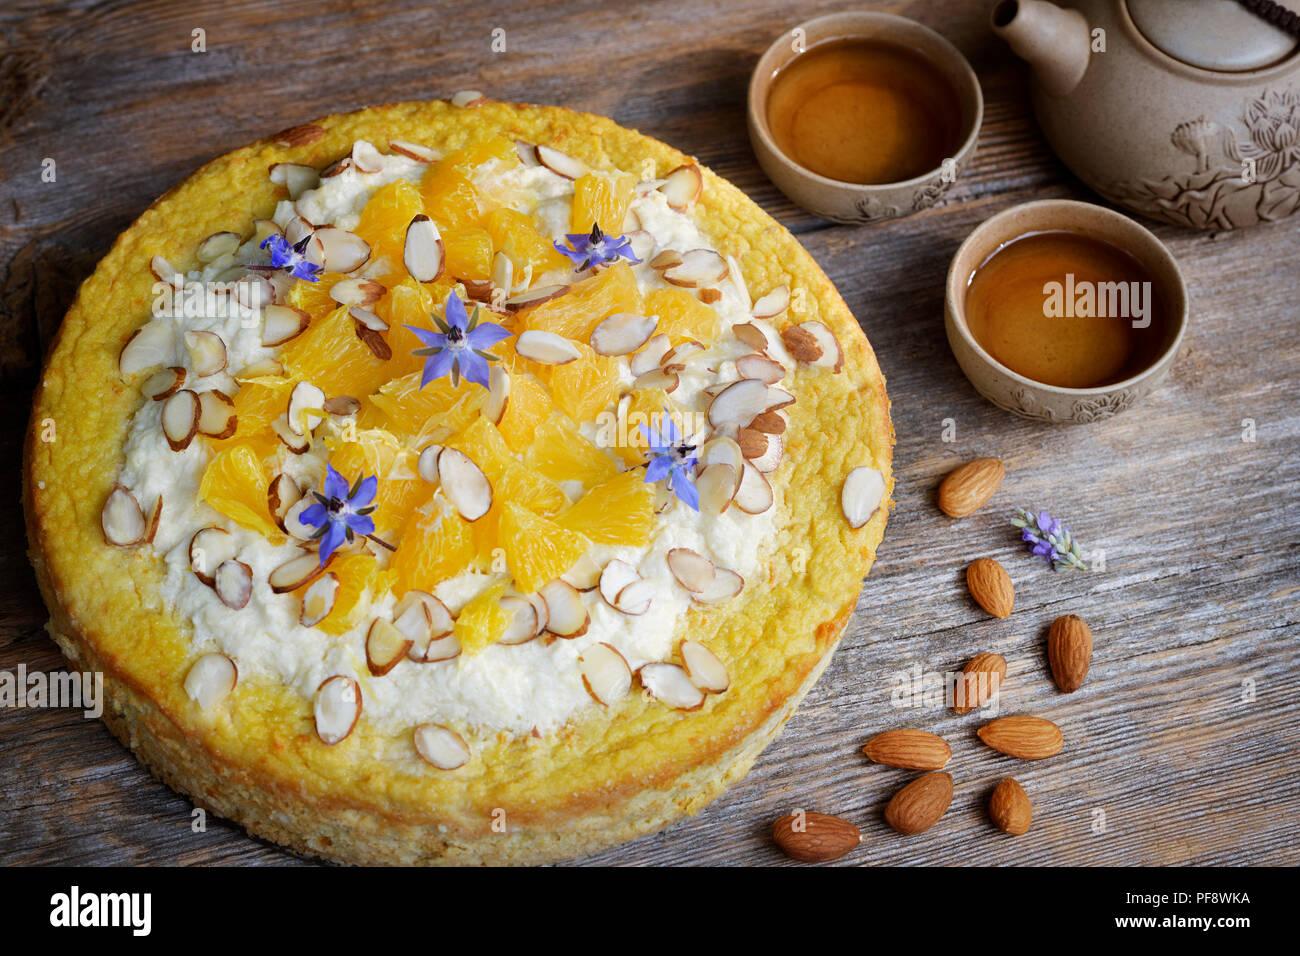 Saludable flourless hecha en casa, sin azúcar de frutas vegano torta de harina de almendras, naranjas y aceite de coco, la comida aún en la vida artística de madera rústica tabl Imagen De Stock